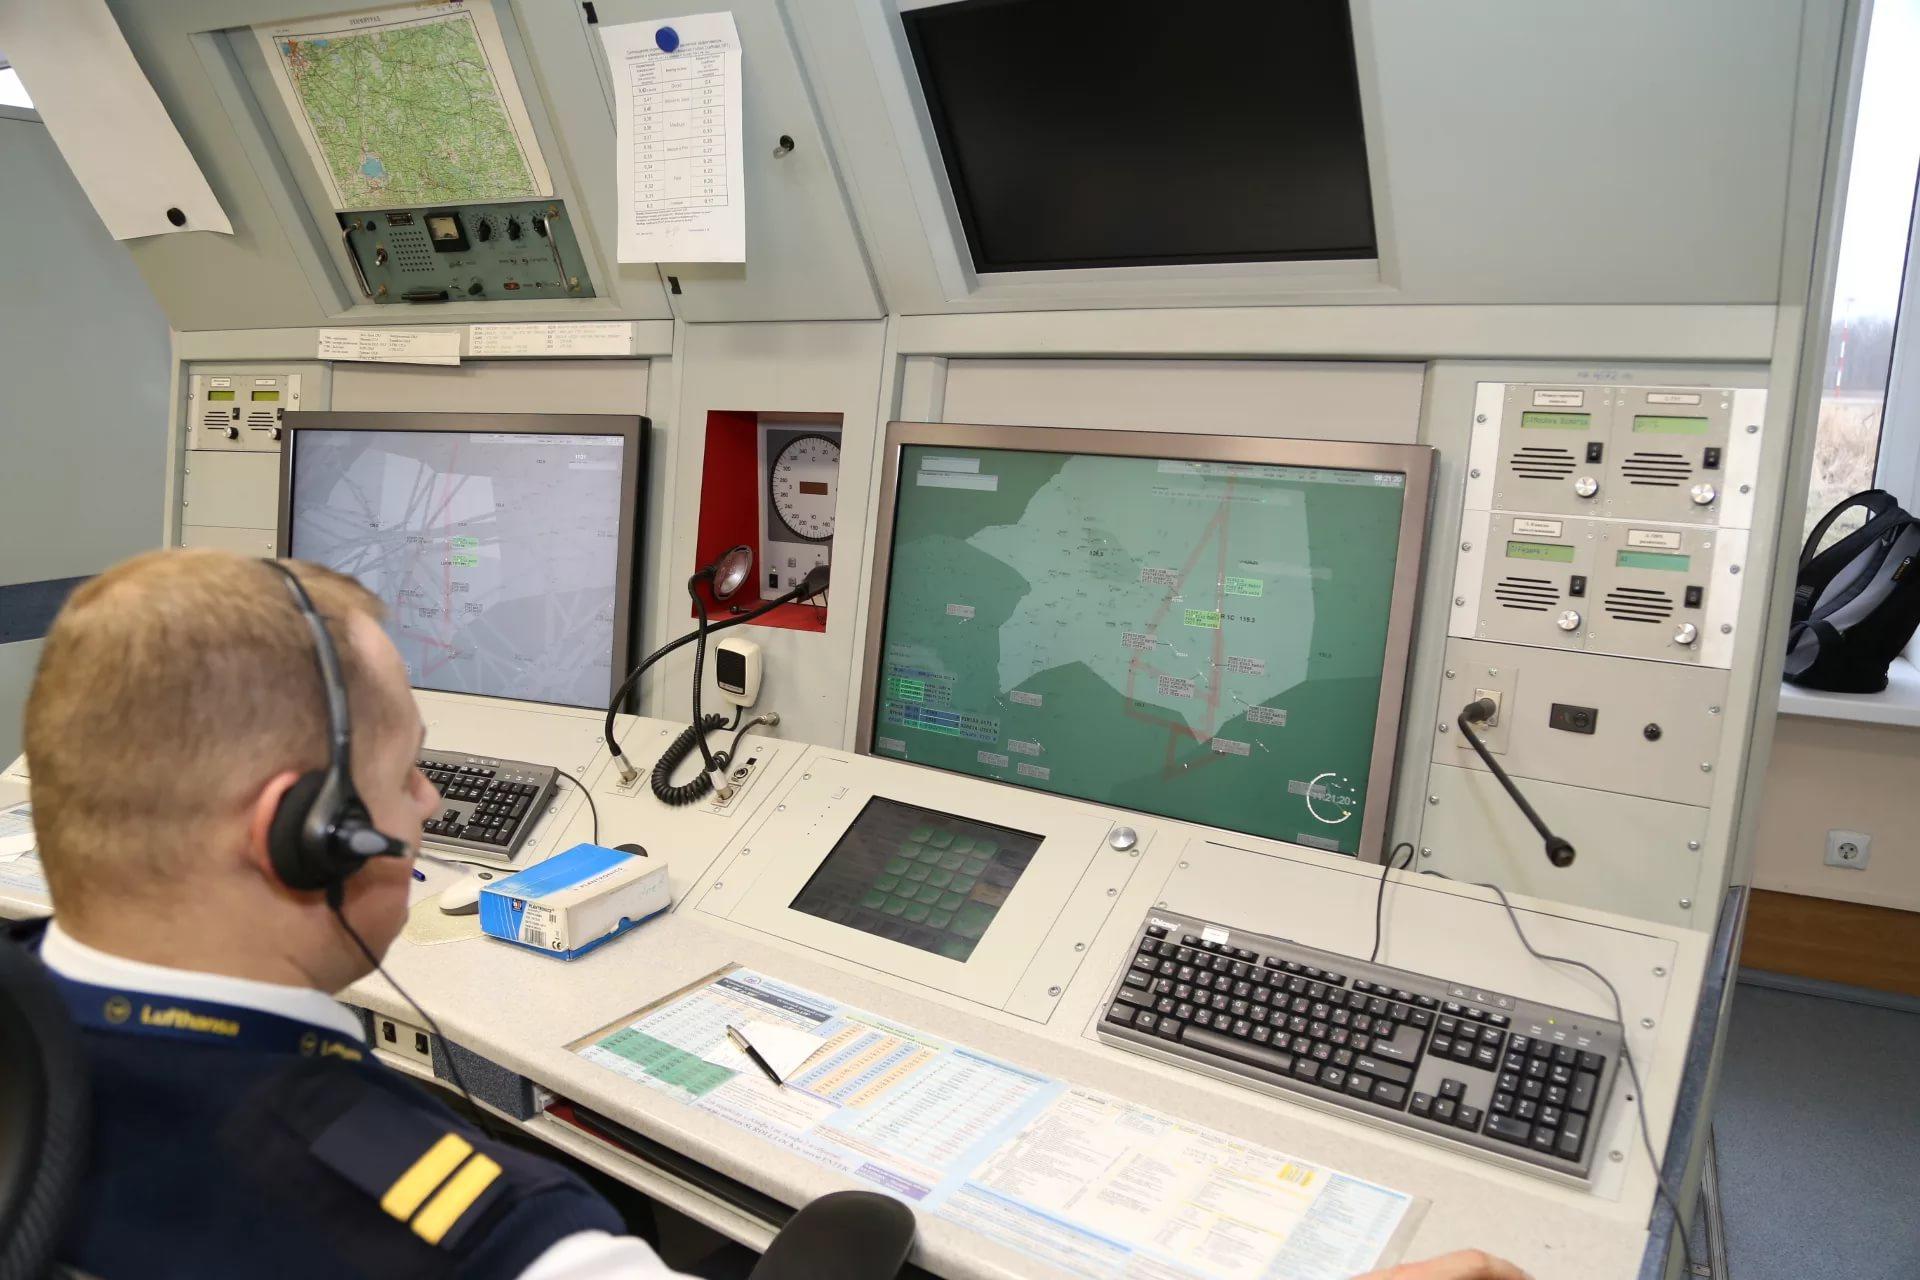 Петербургский аэропорт Пулково оснастят новейшей системой наблюдения за воздушным движением